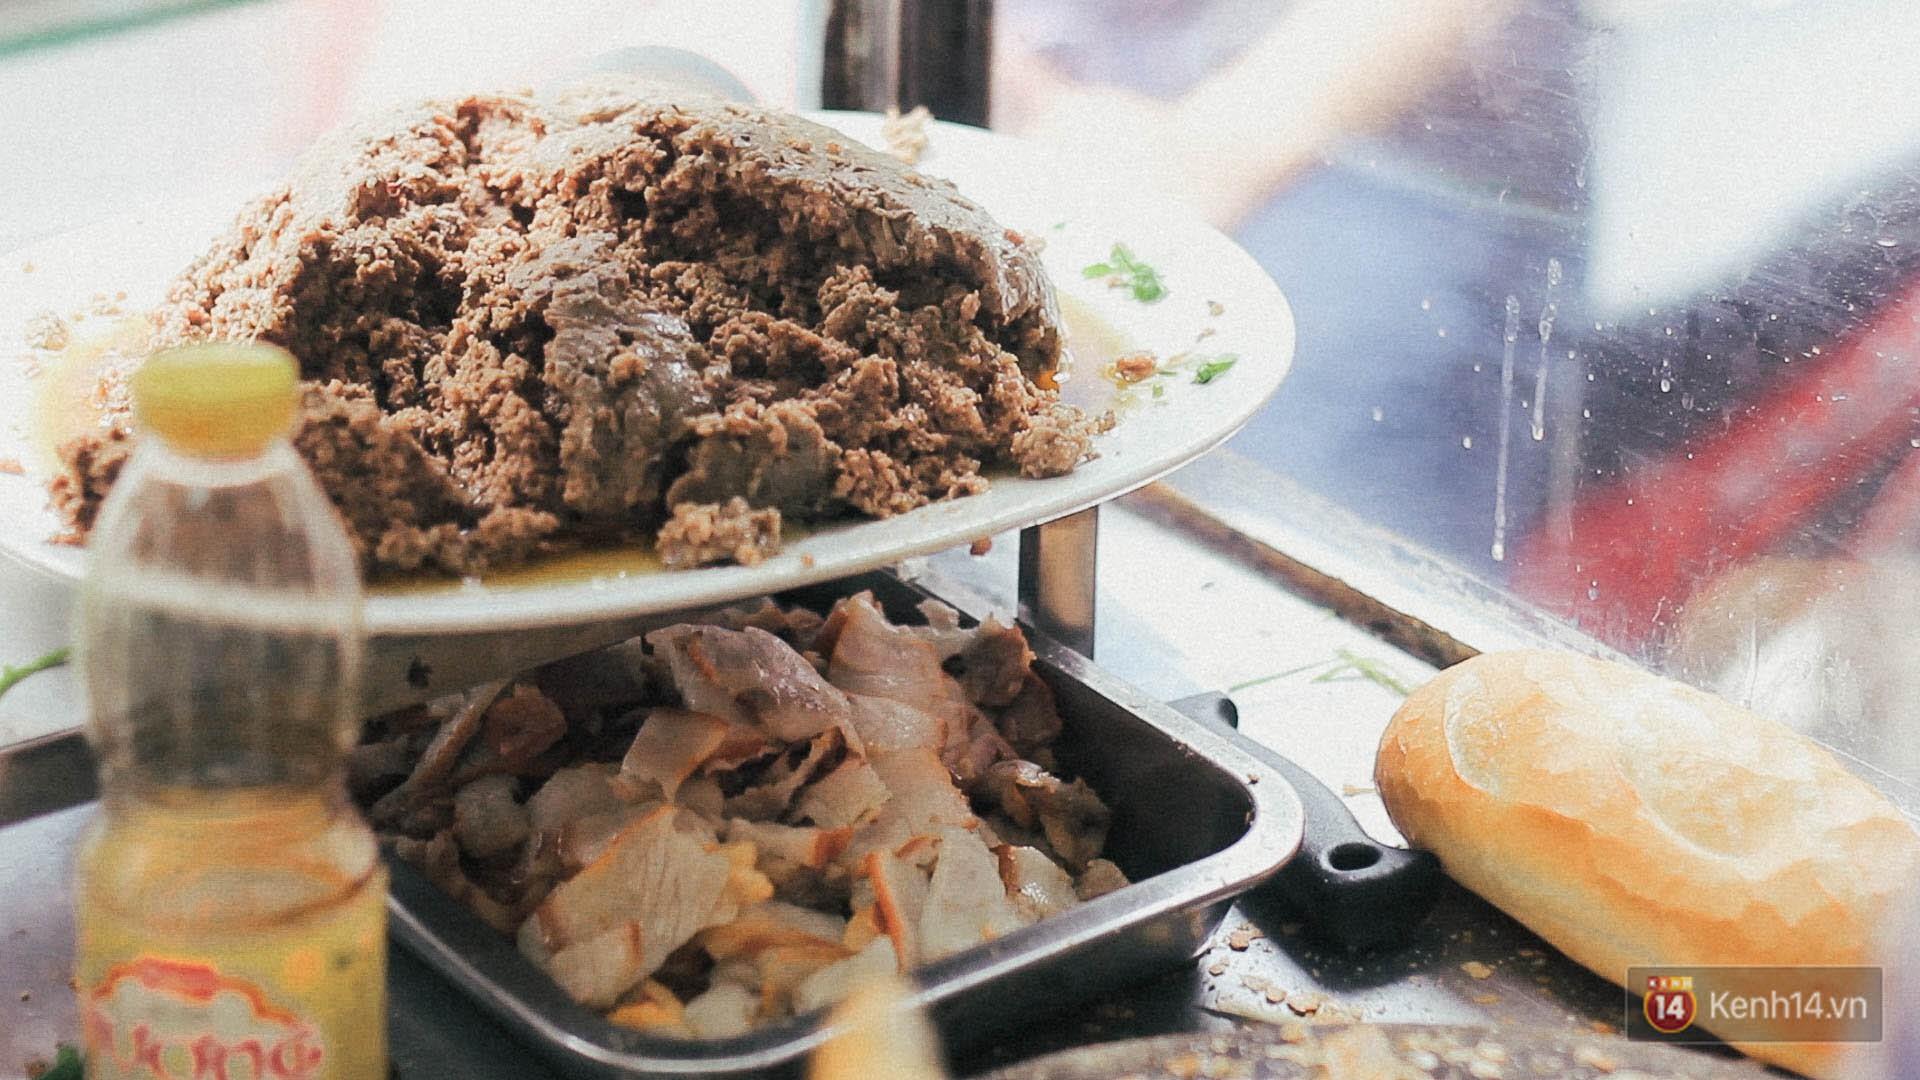 Xe bánh mì nổi danh khắp Sài Gòn gần 1 thế kỷ với món pate nướng thần thánh - Ảnh 4.